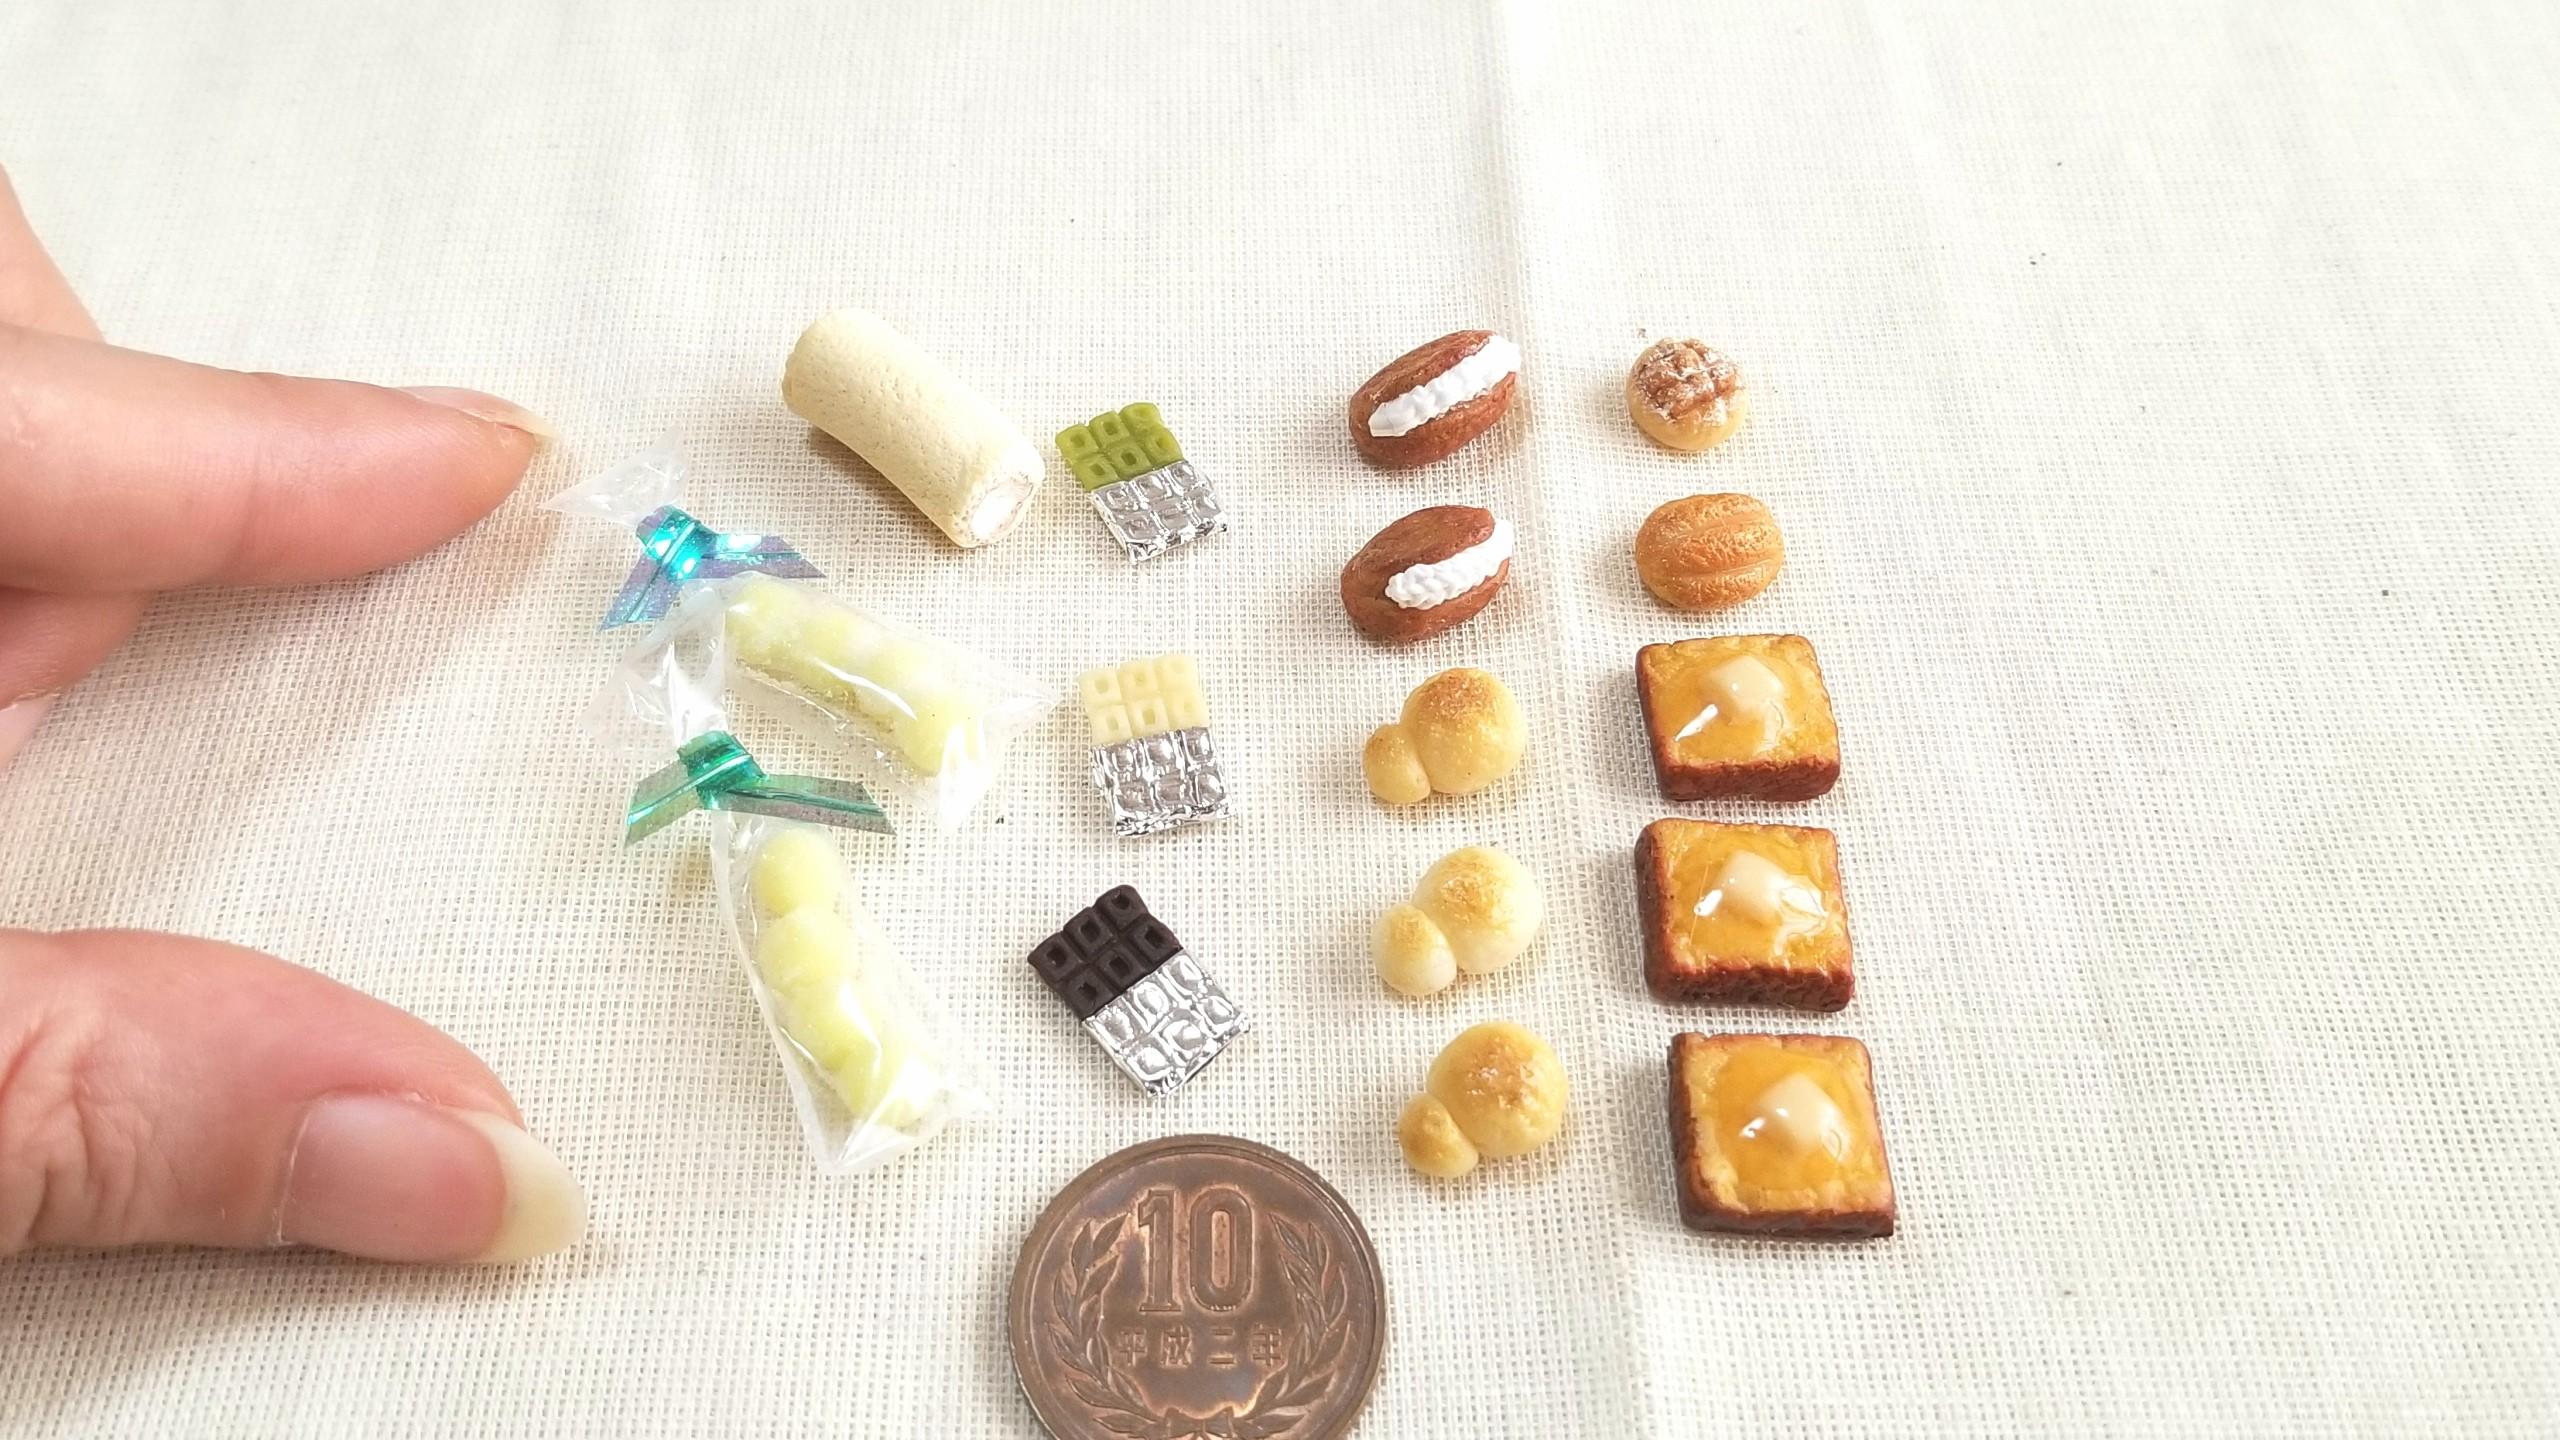 ミニチュアフード,パン,チョコレート,お菓子,キャンディー,ドール